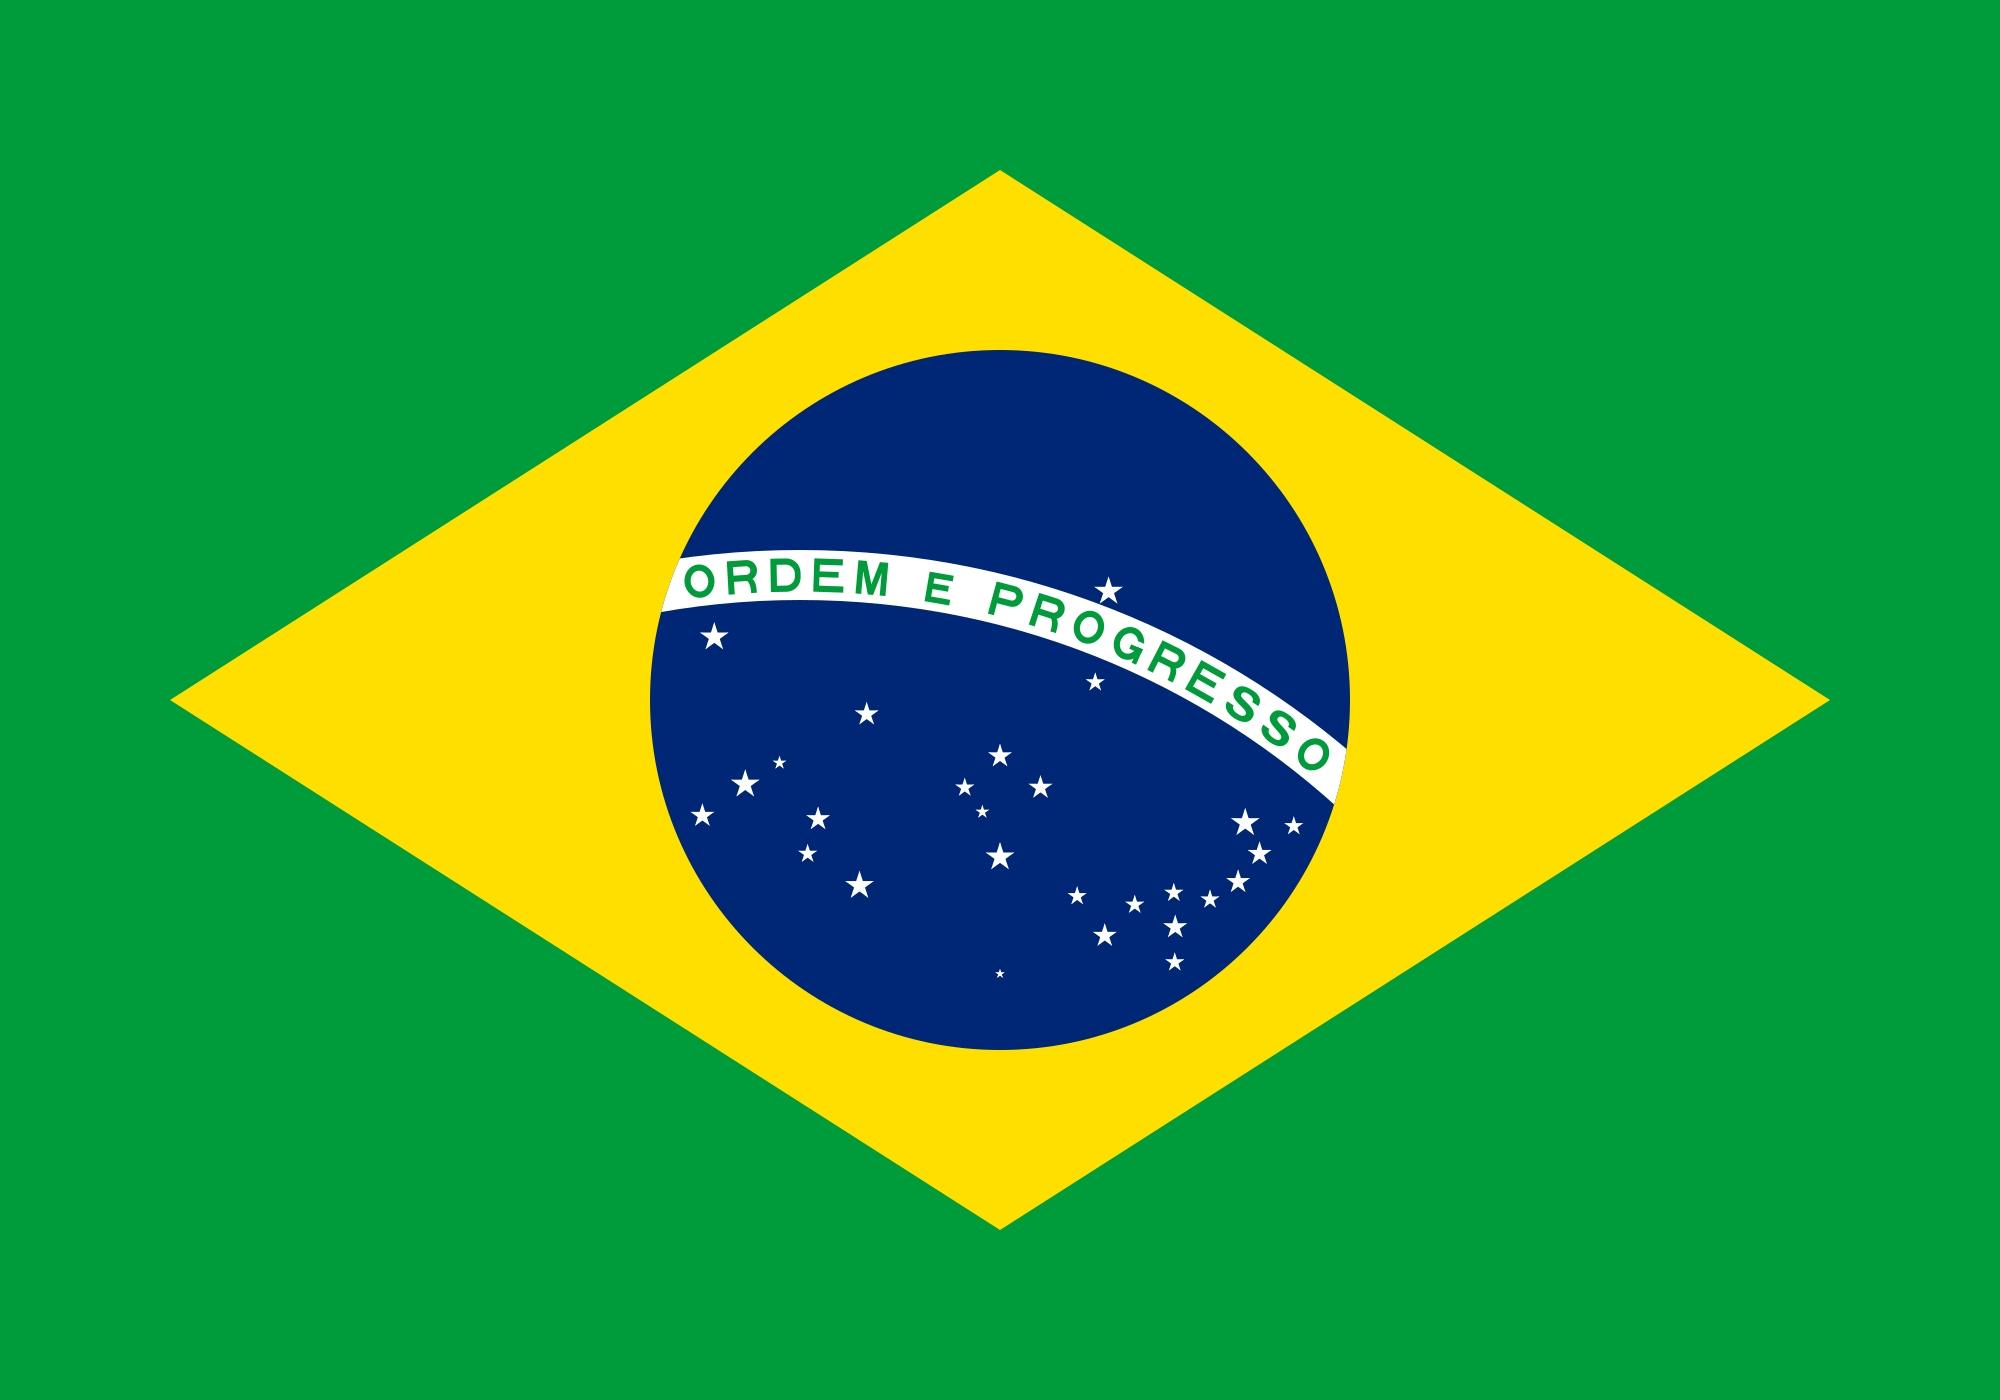 https://i.ibb.co/HtfCTVq/Bandeira-do-Brasil.jpg